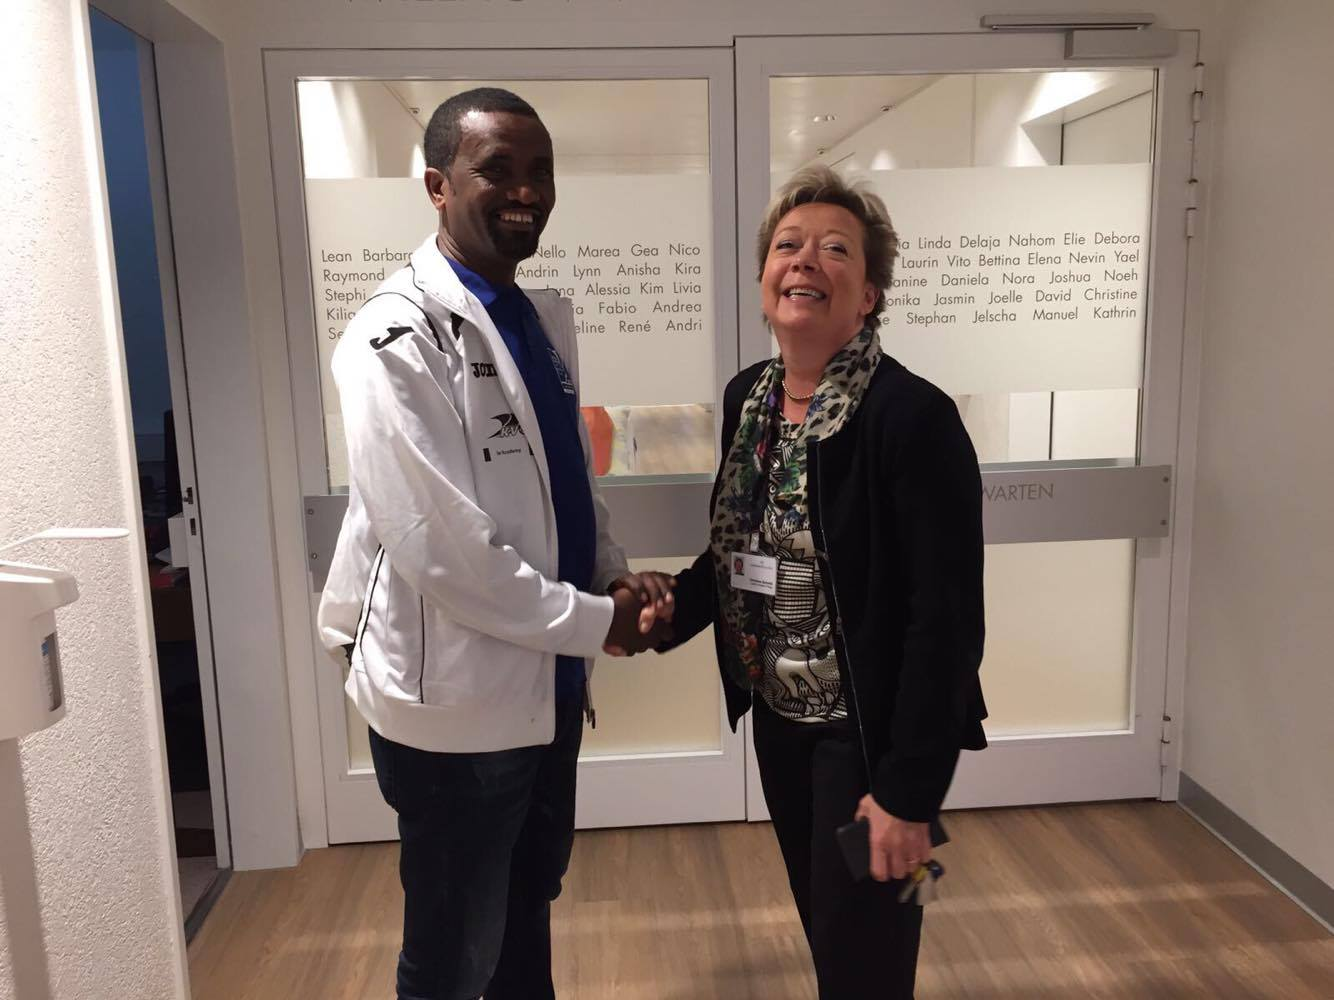 Treffen mit Christine Schmid (rechts im Bild), Mitglied der Geschäftsleitung der Lindenhofgruppe und  langjährige Unterstützerin von STB-Äthiopien